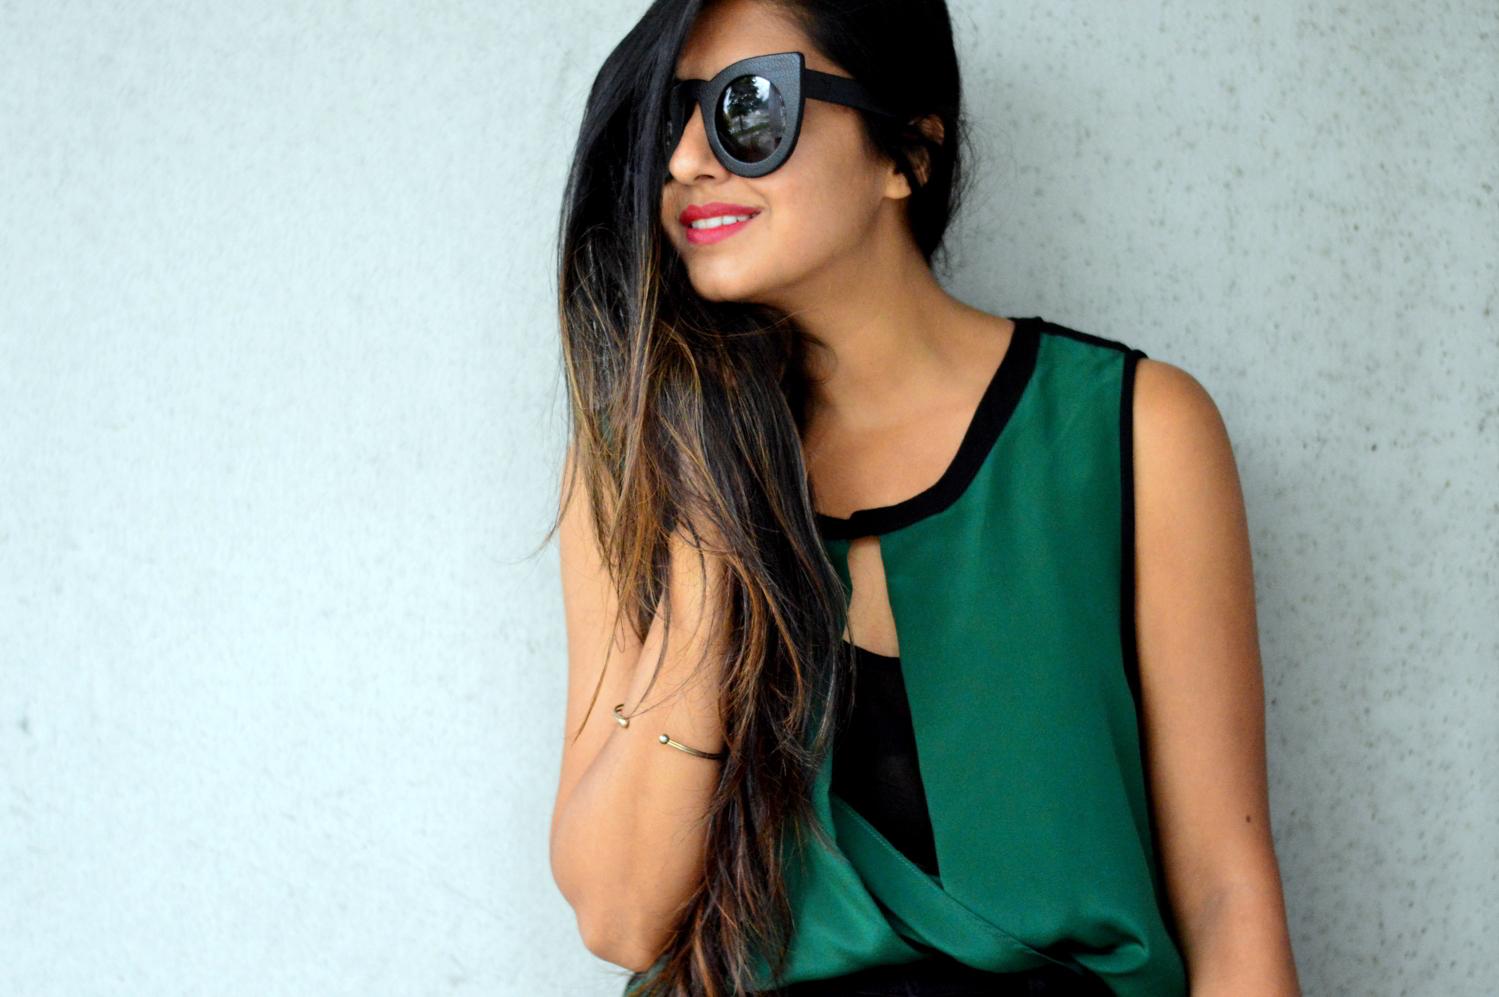 workwear-fall-style-emerald-silk-blouse-cateye-statement-sunglasses 4